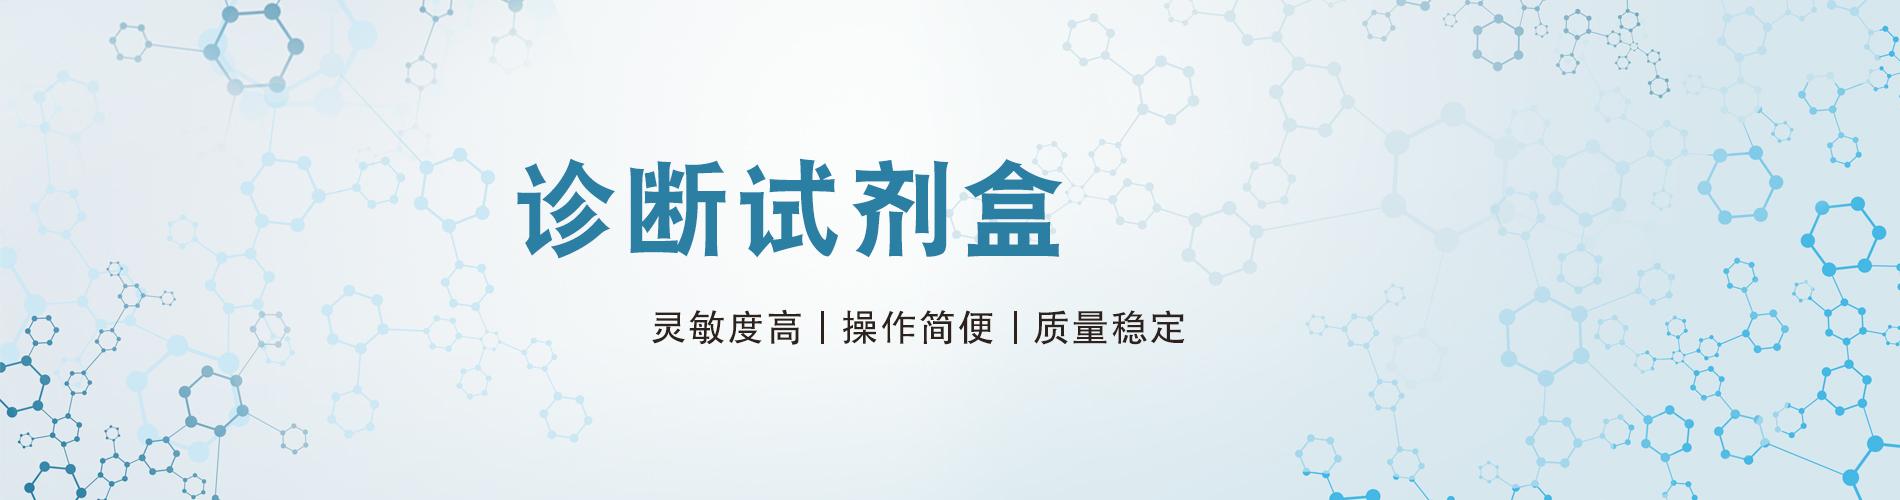 检测试剂盒-www.bncc.org.cn北纳生物